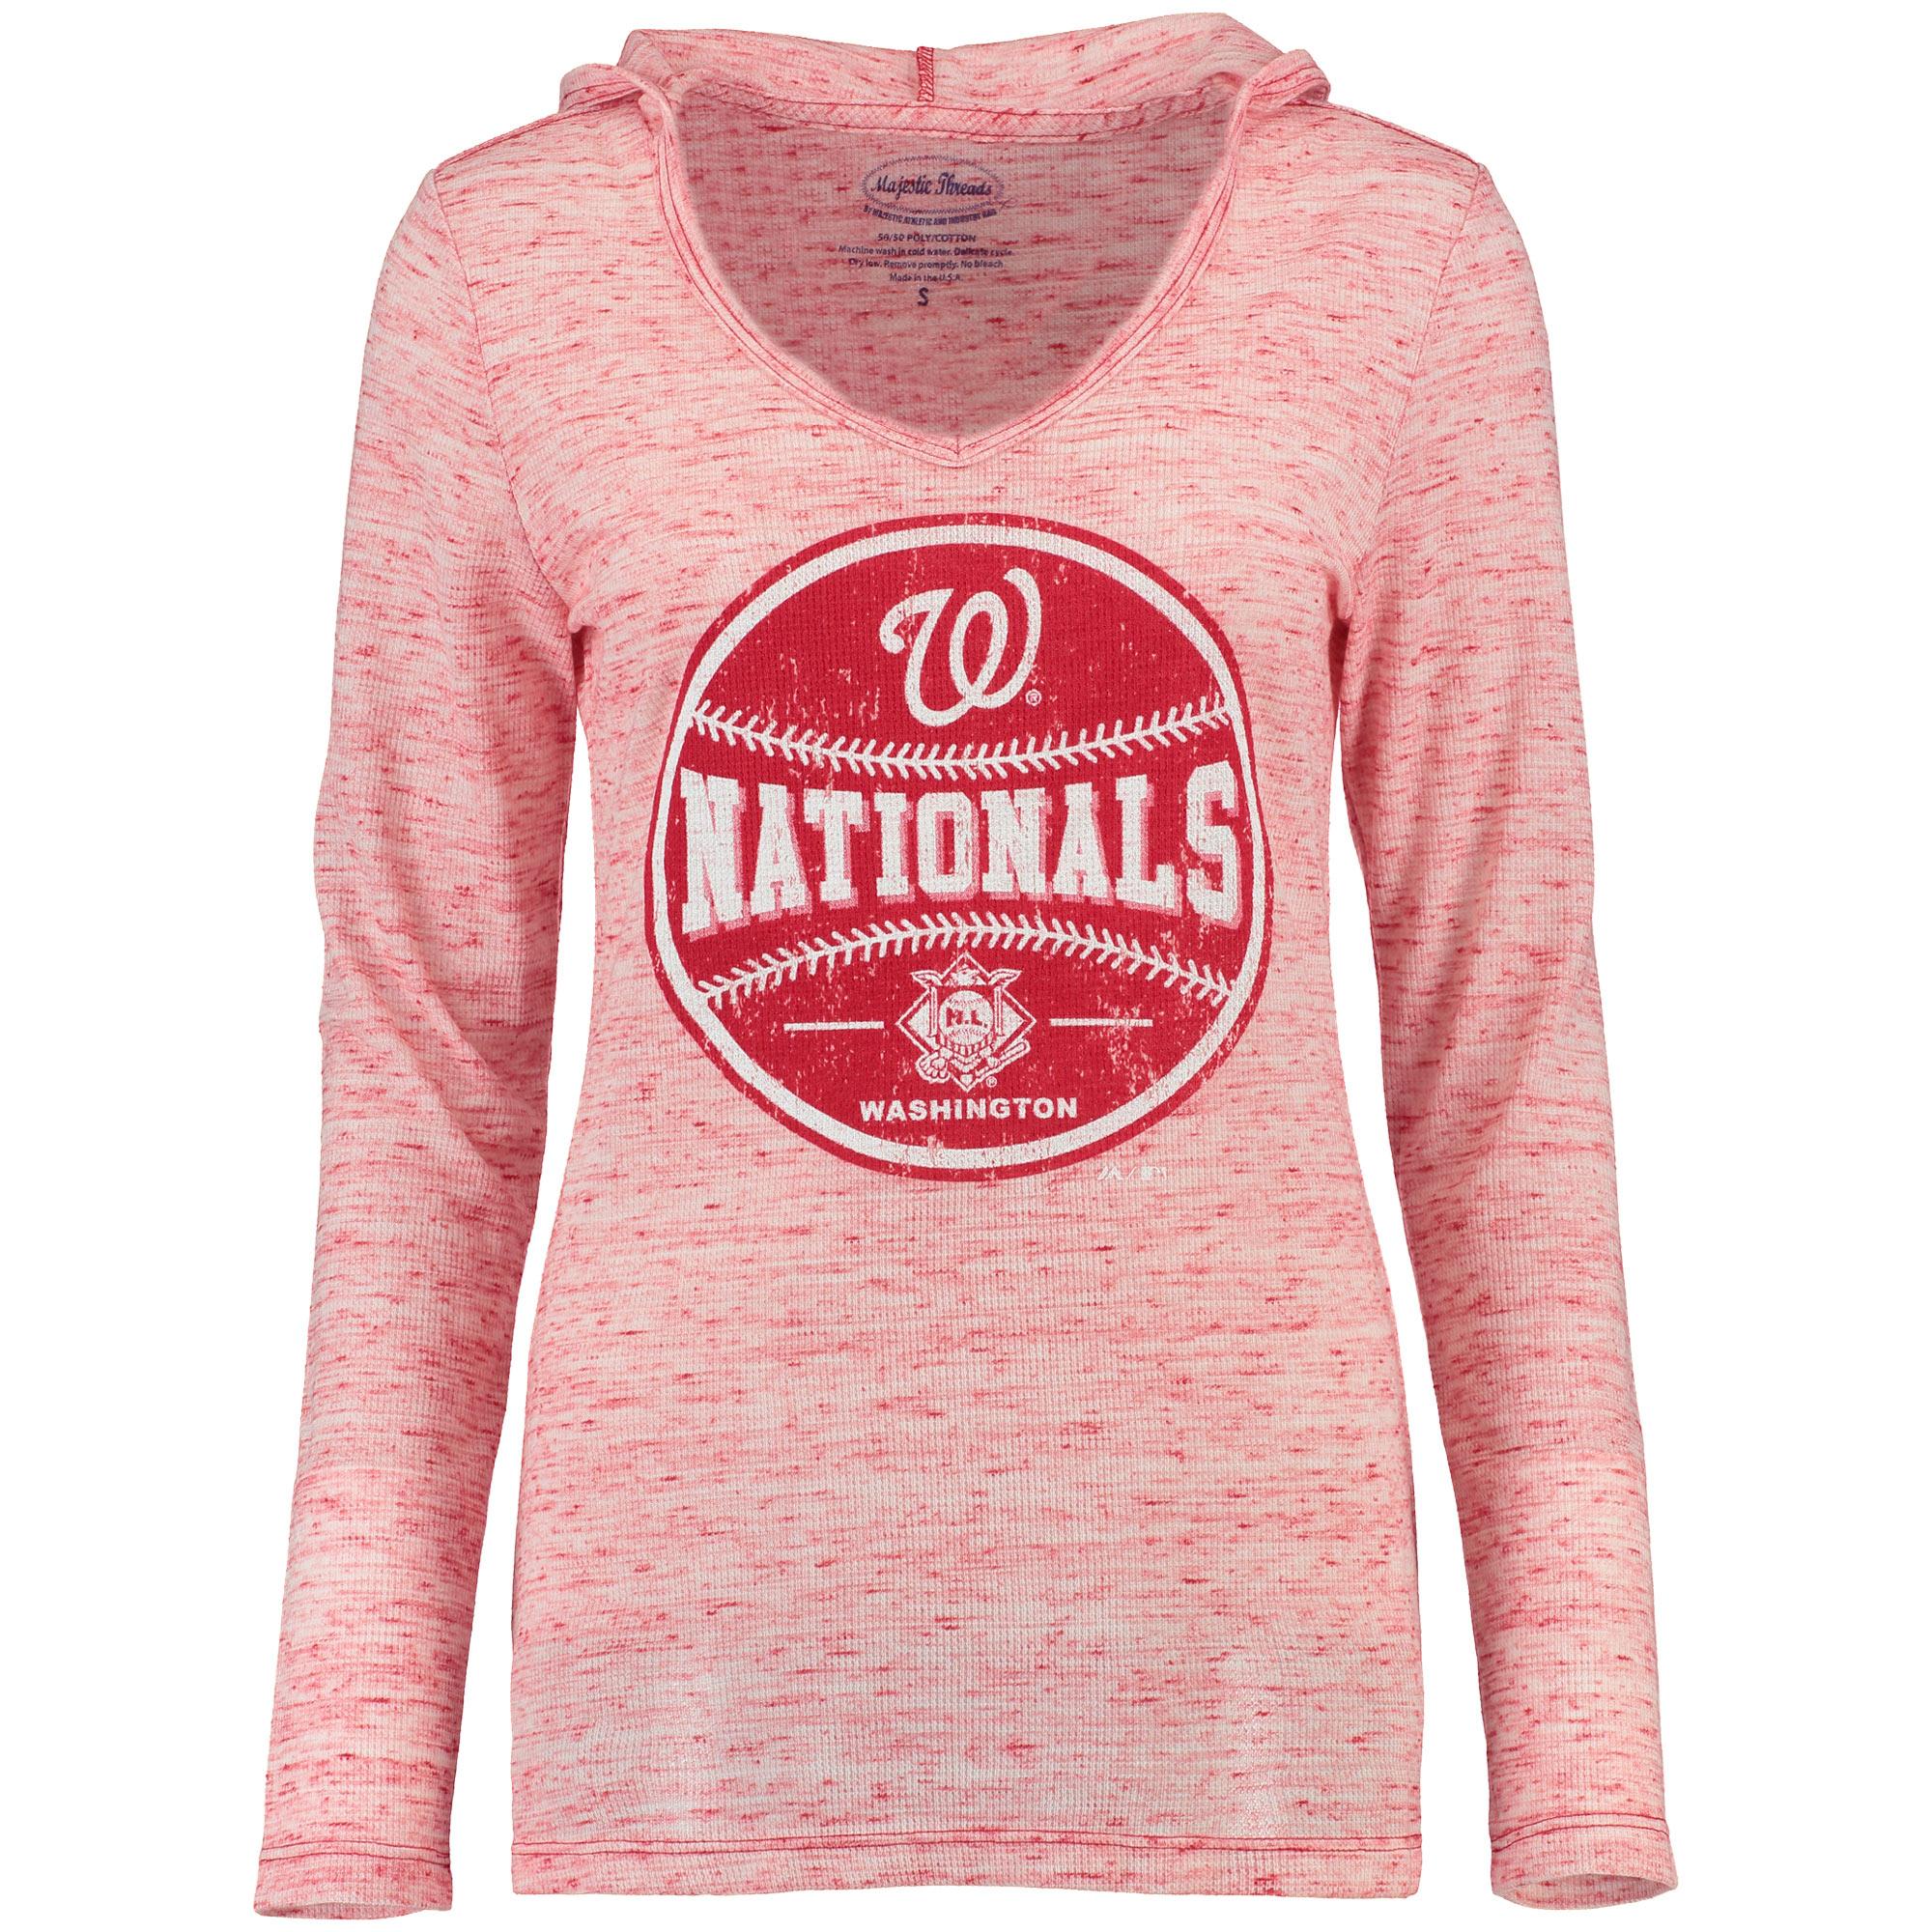 Washington Nationals Women's Thermal Slub Long Sleeve T-Shirt - Natural